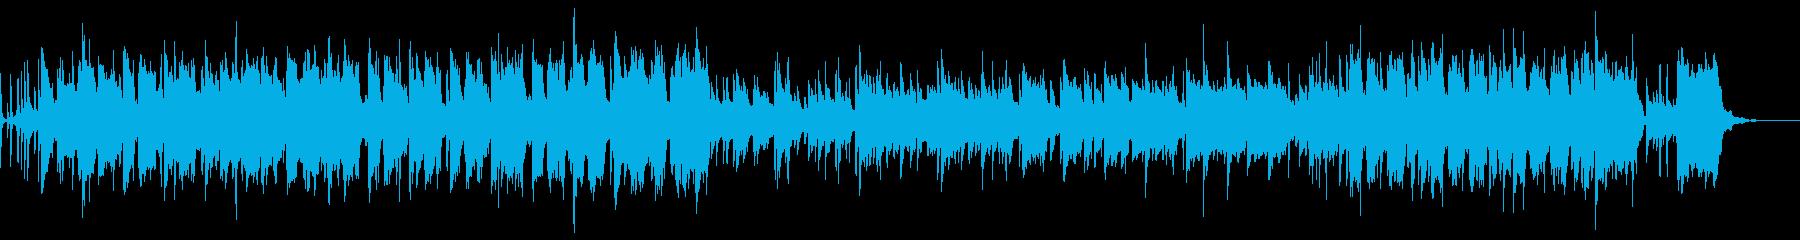 カジノゲームに合うビッグバンドBGMですの再生済みの波形